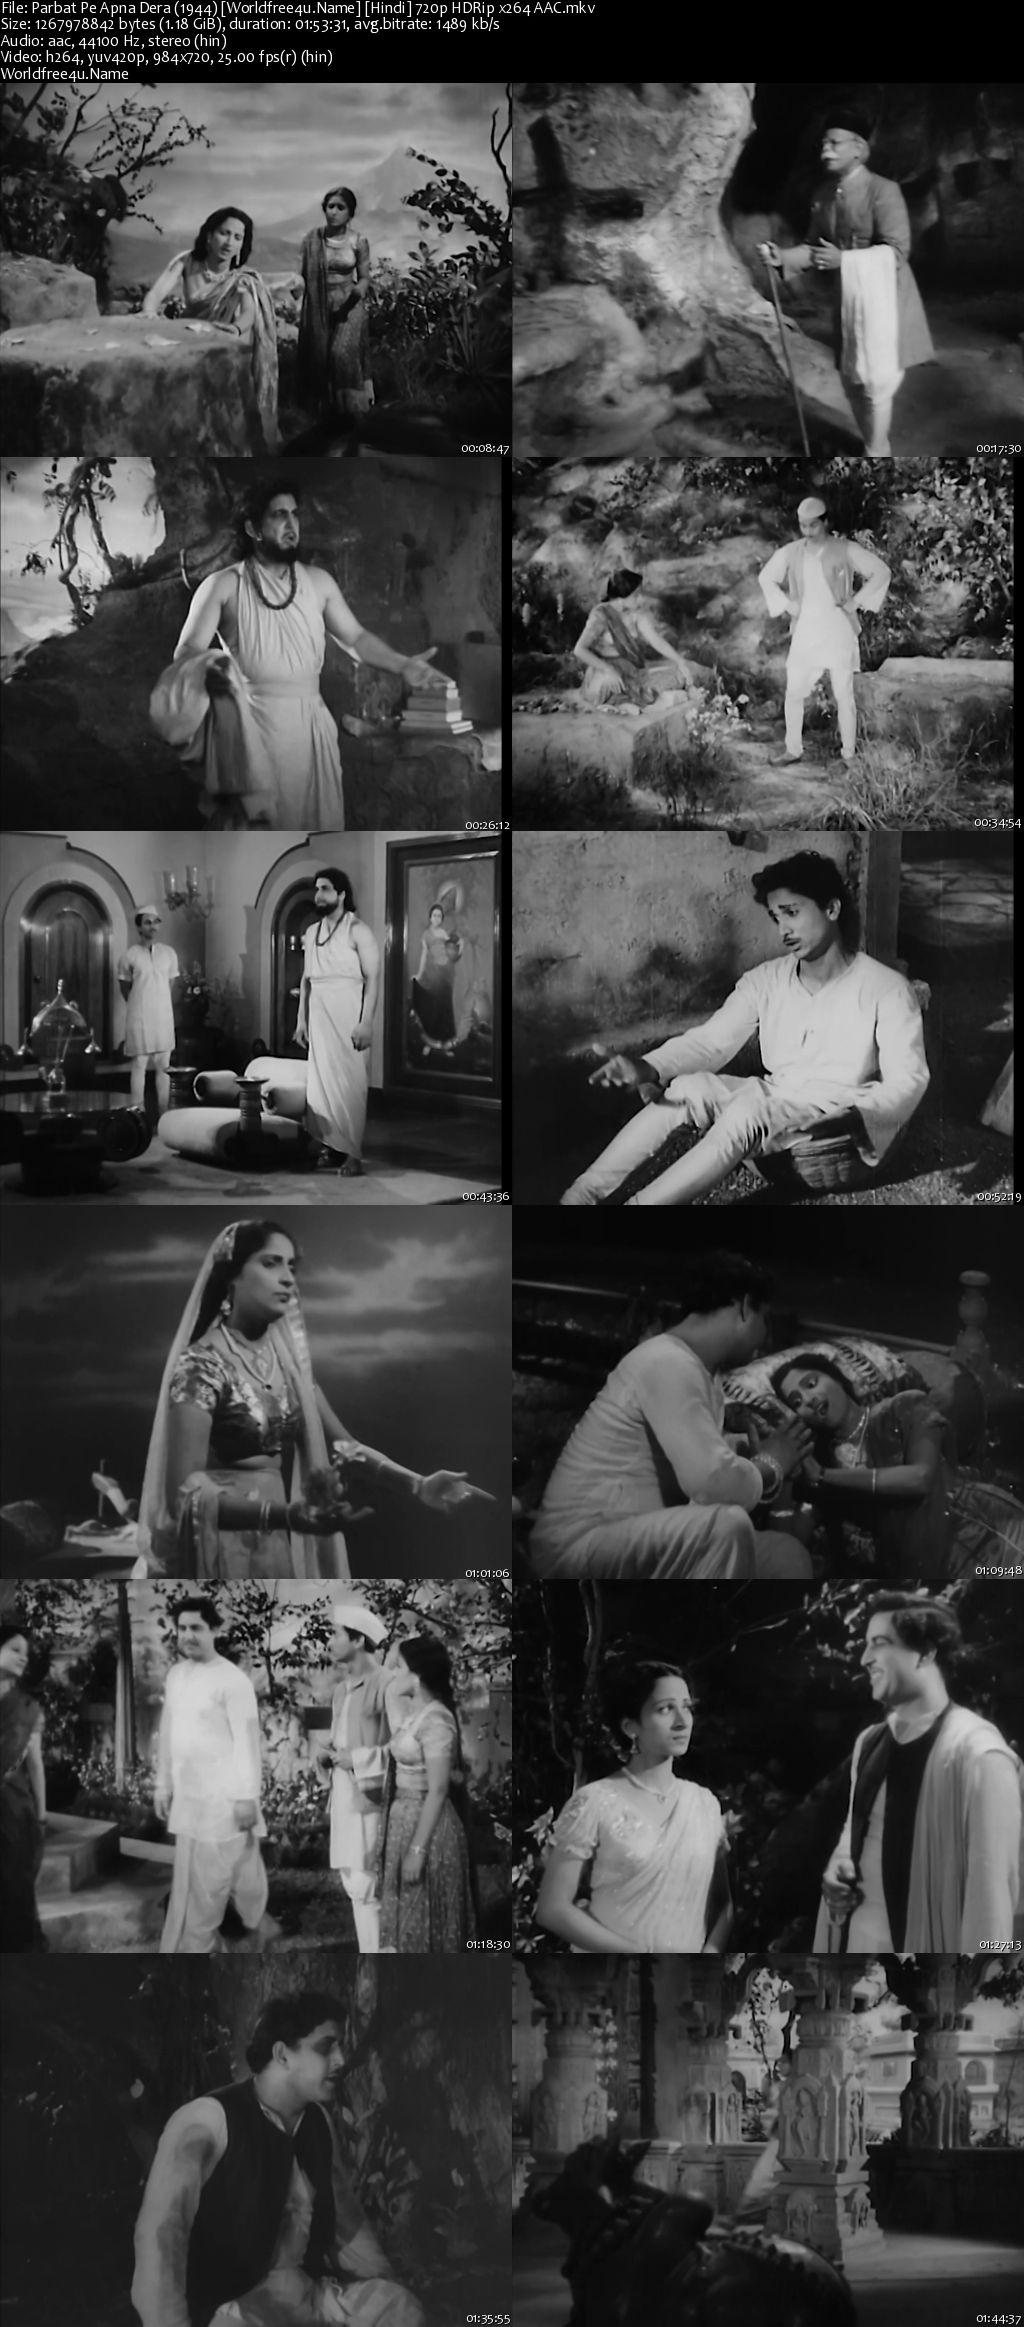 Parbat Pe Apna Dera 1944 Hindi HDRip 720p